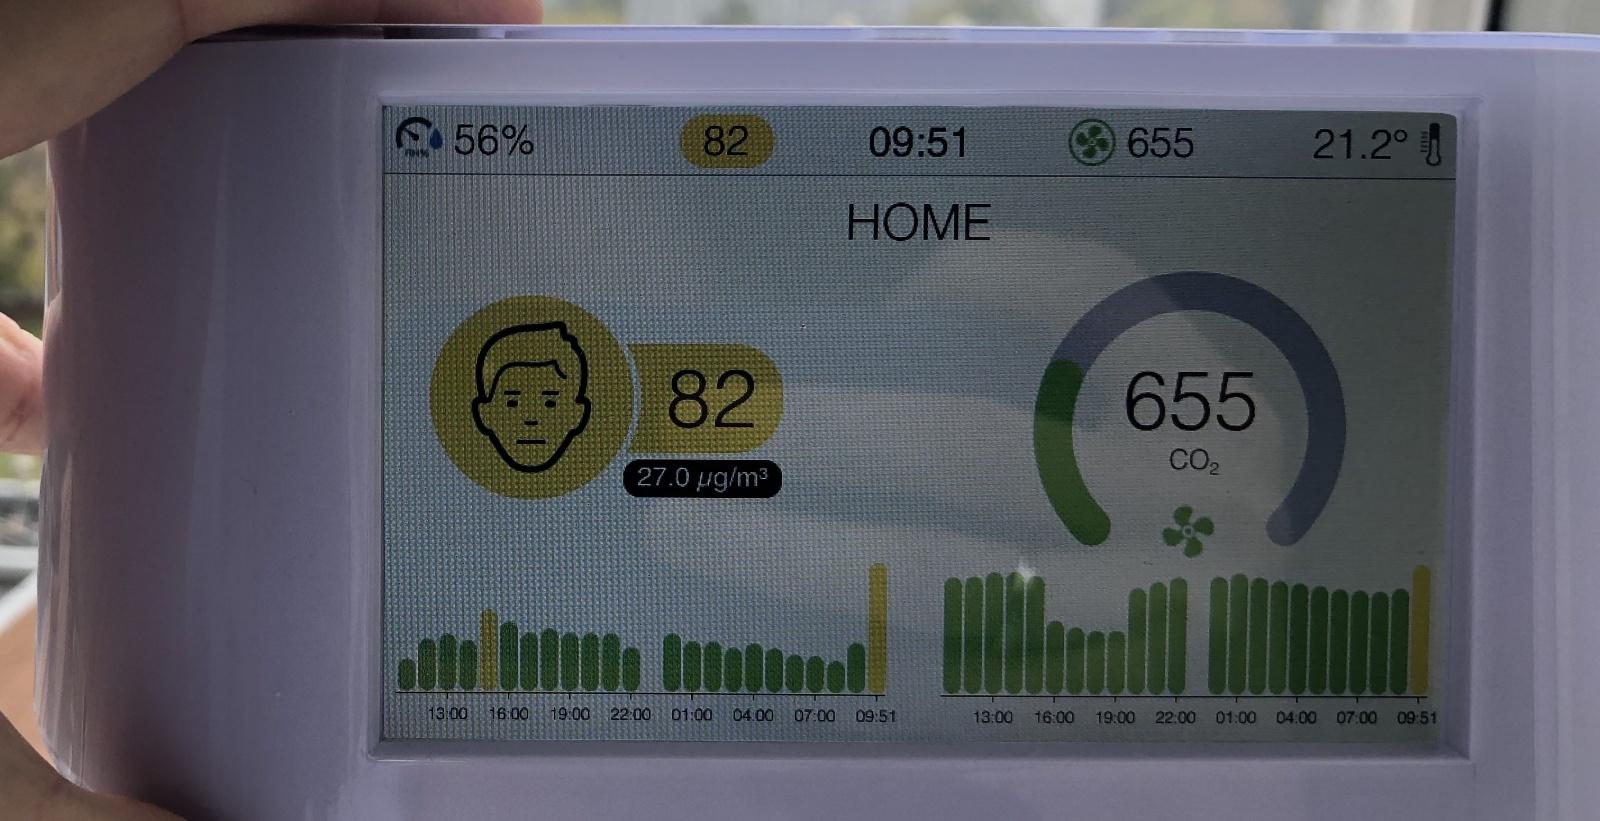 Как я чуть не выкинул 150к на ветер или история установки приточной вентиляции в квартире - 25